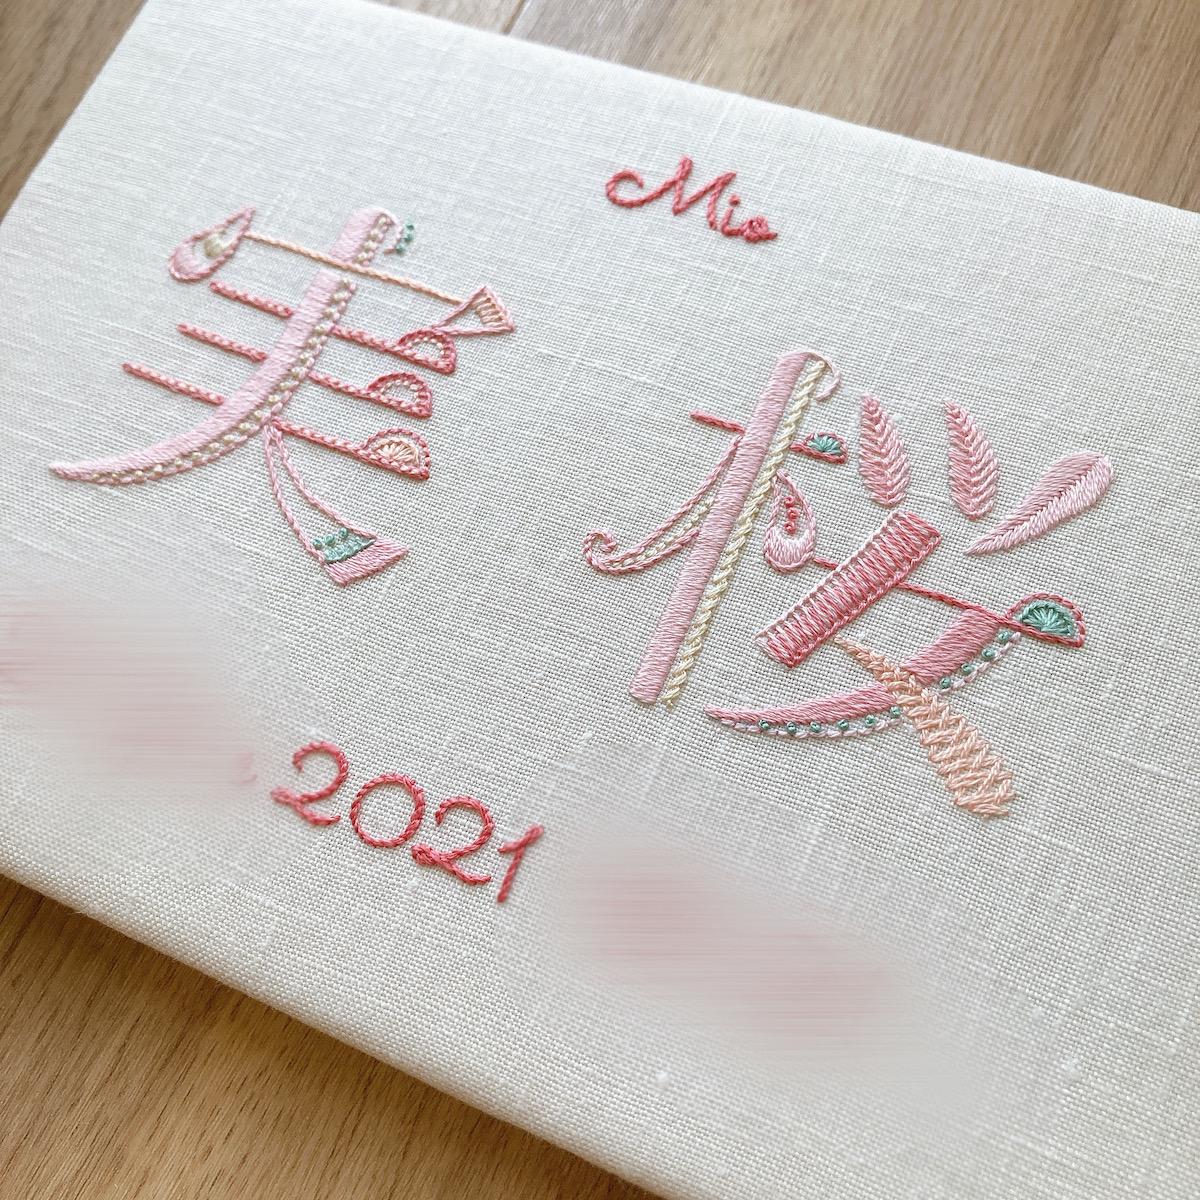 刺繍命名書ファブリックパネル